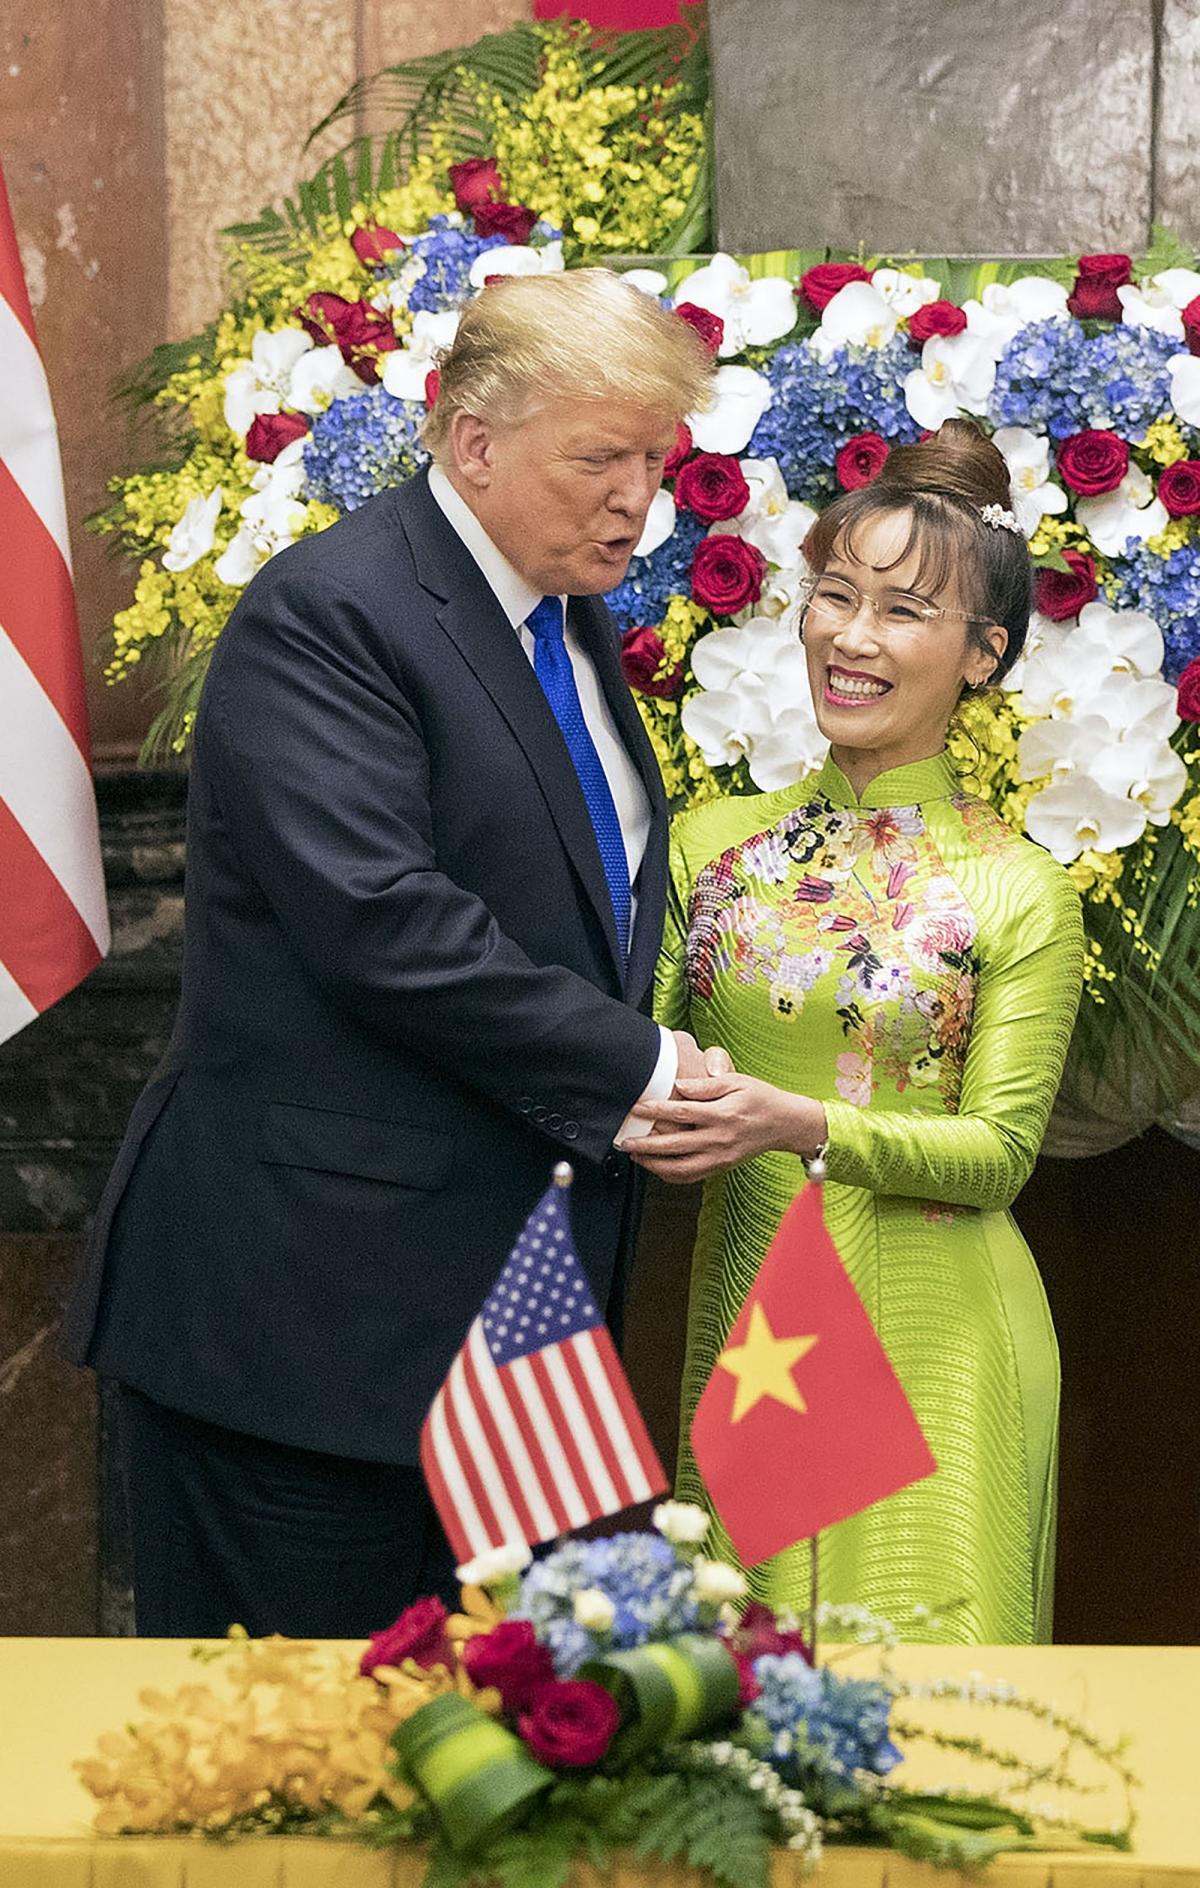 Tổng thống Mỹ Donald Trump chúc mừng CEO Vietjet tại lễ kýkết hợp đồng mua máy bay giữa Vietjet và Boeing năm 2019 (Ảnh: Việt Dũng)